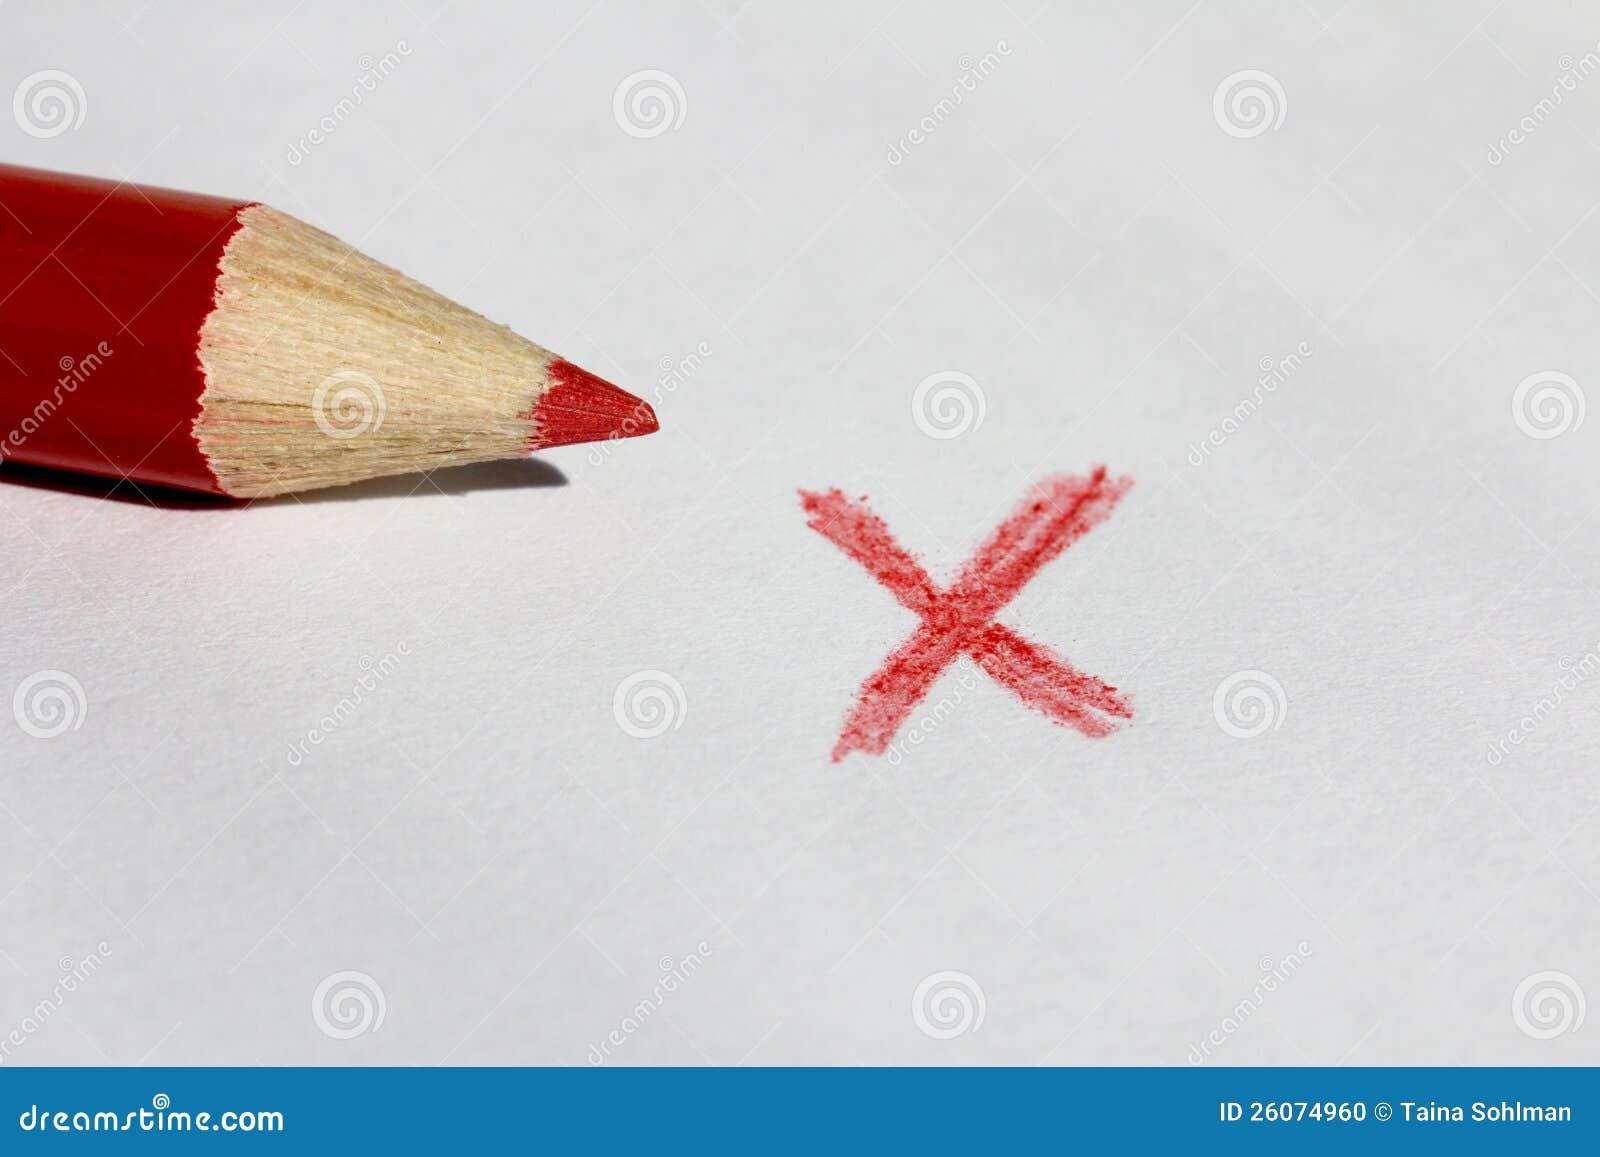 红颜色铅笔和X标记